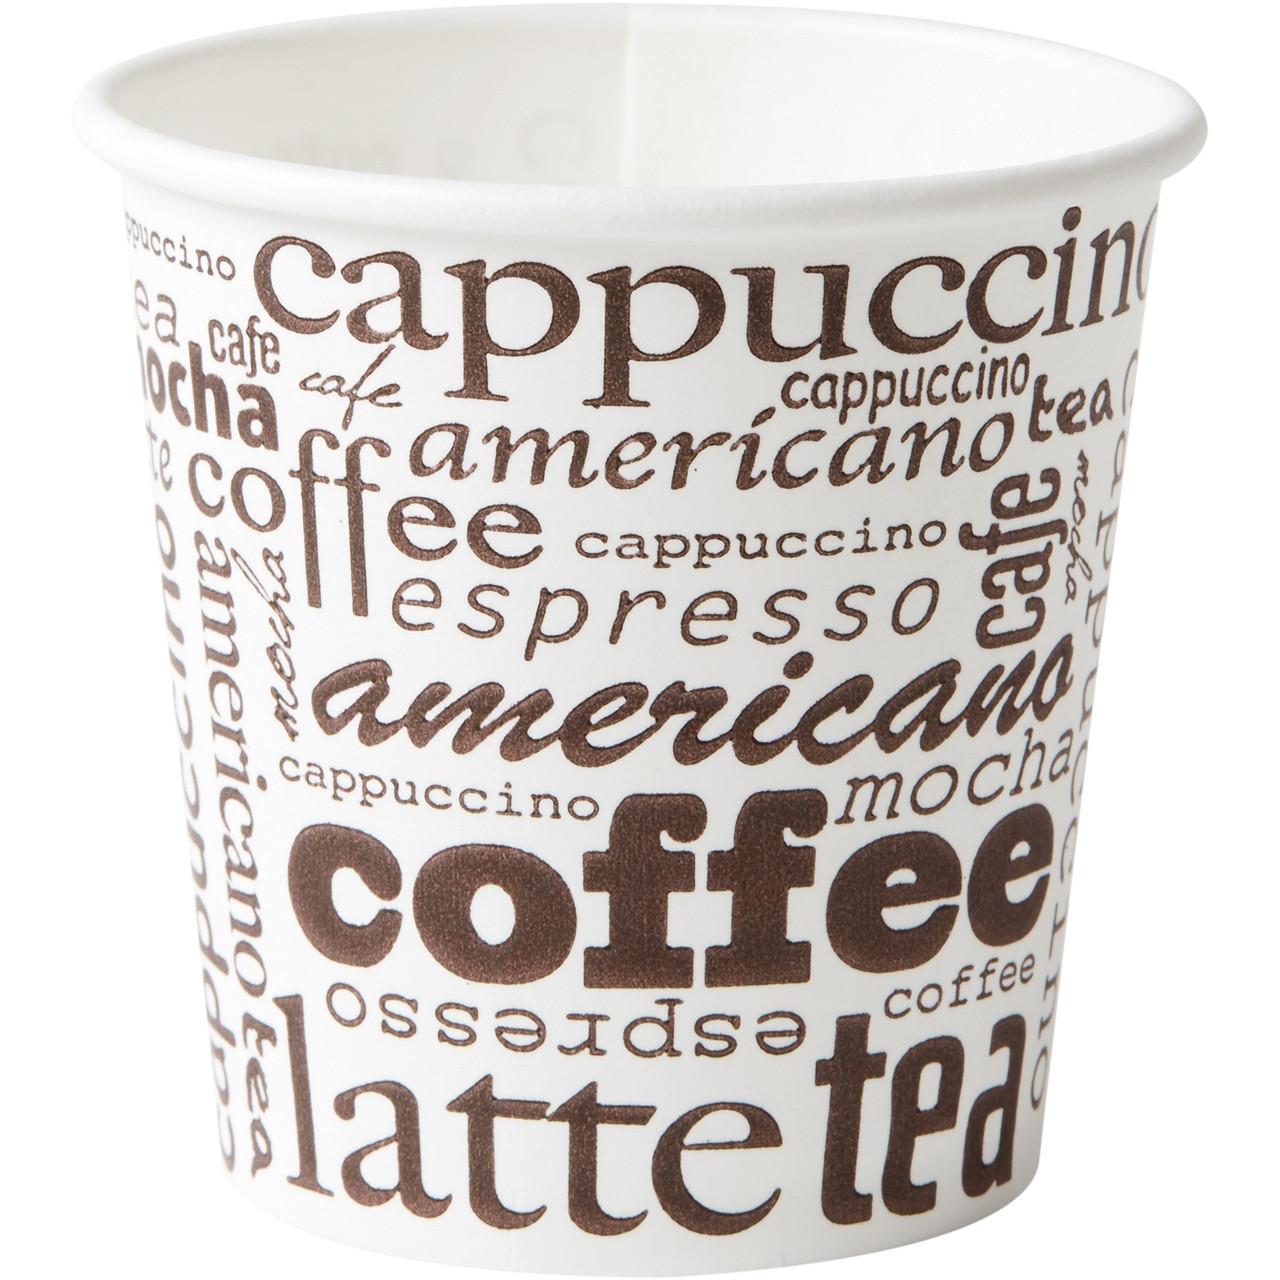 Got cafè amb llet paper 9oz